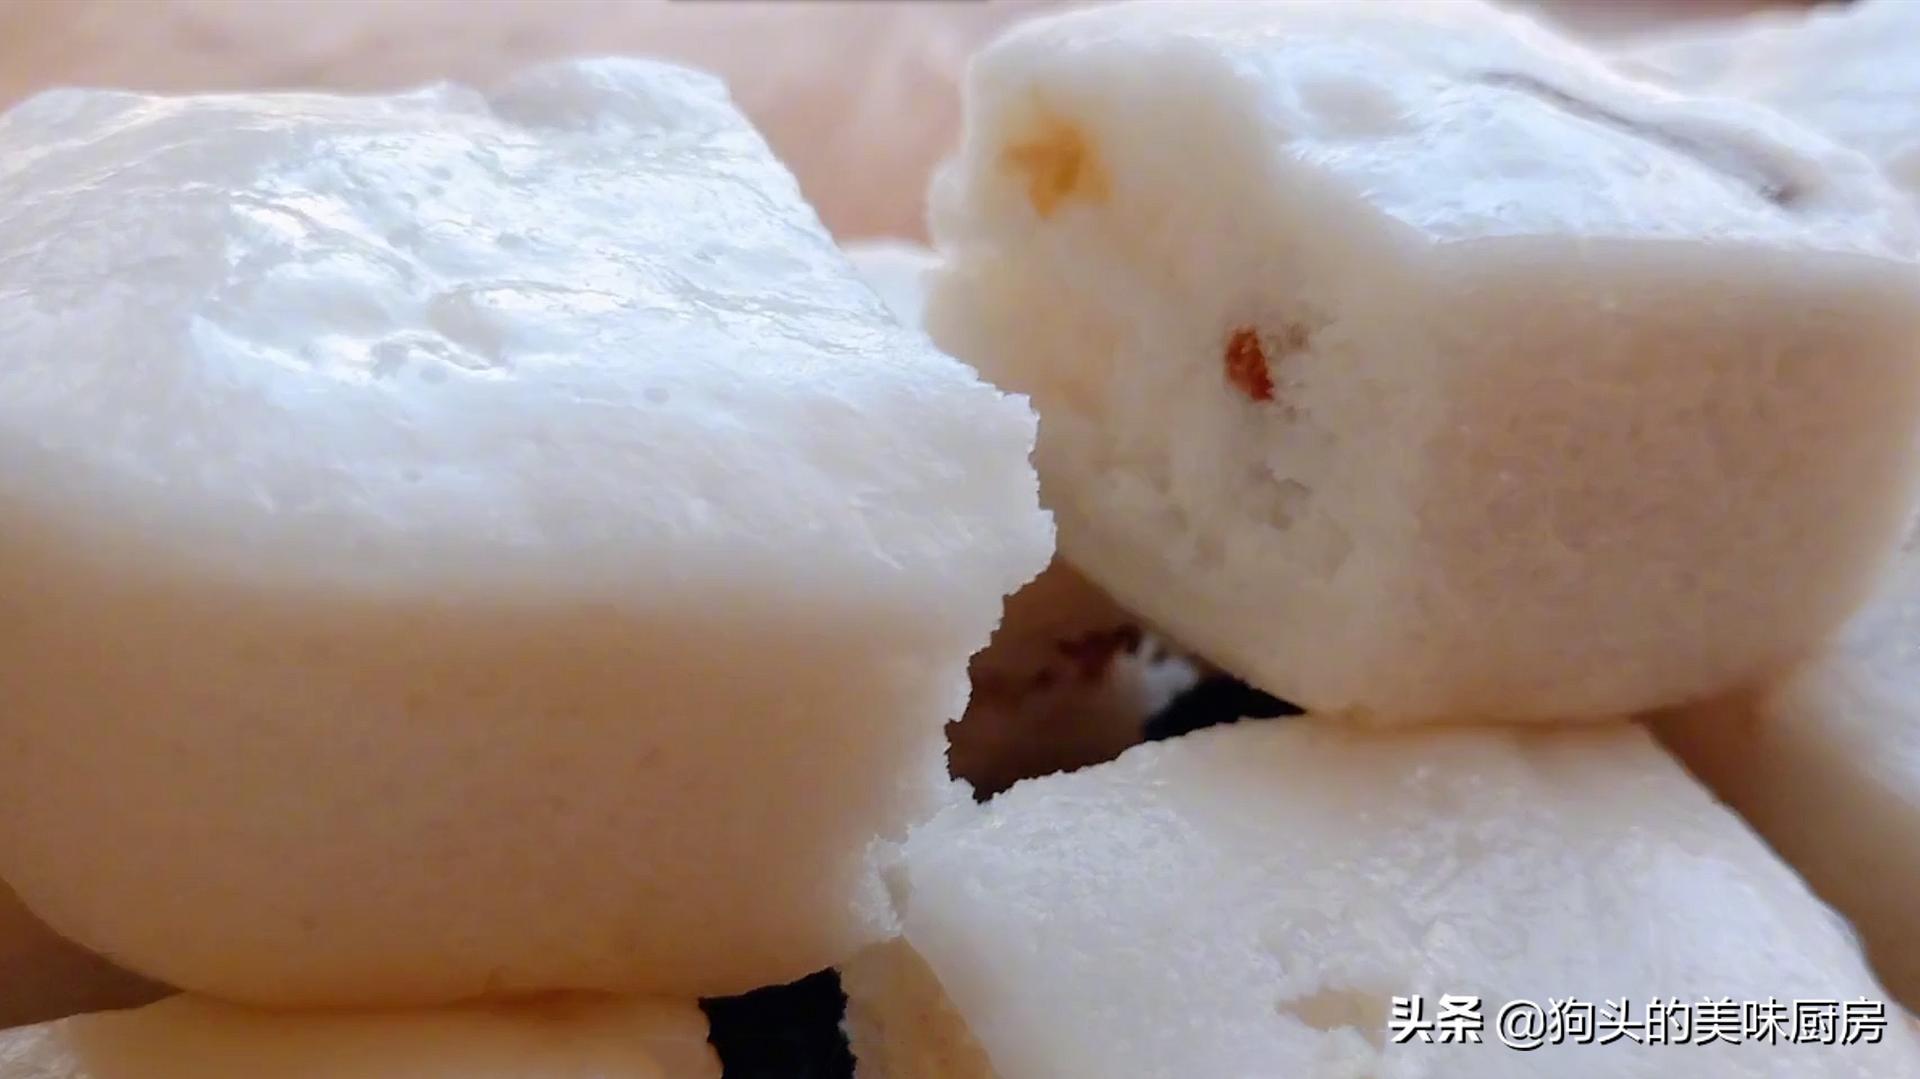 它比饅頭簡單,比麵包好吃,我家隔三差五就做,香甜鬆軟真好吃